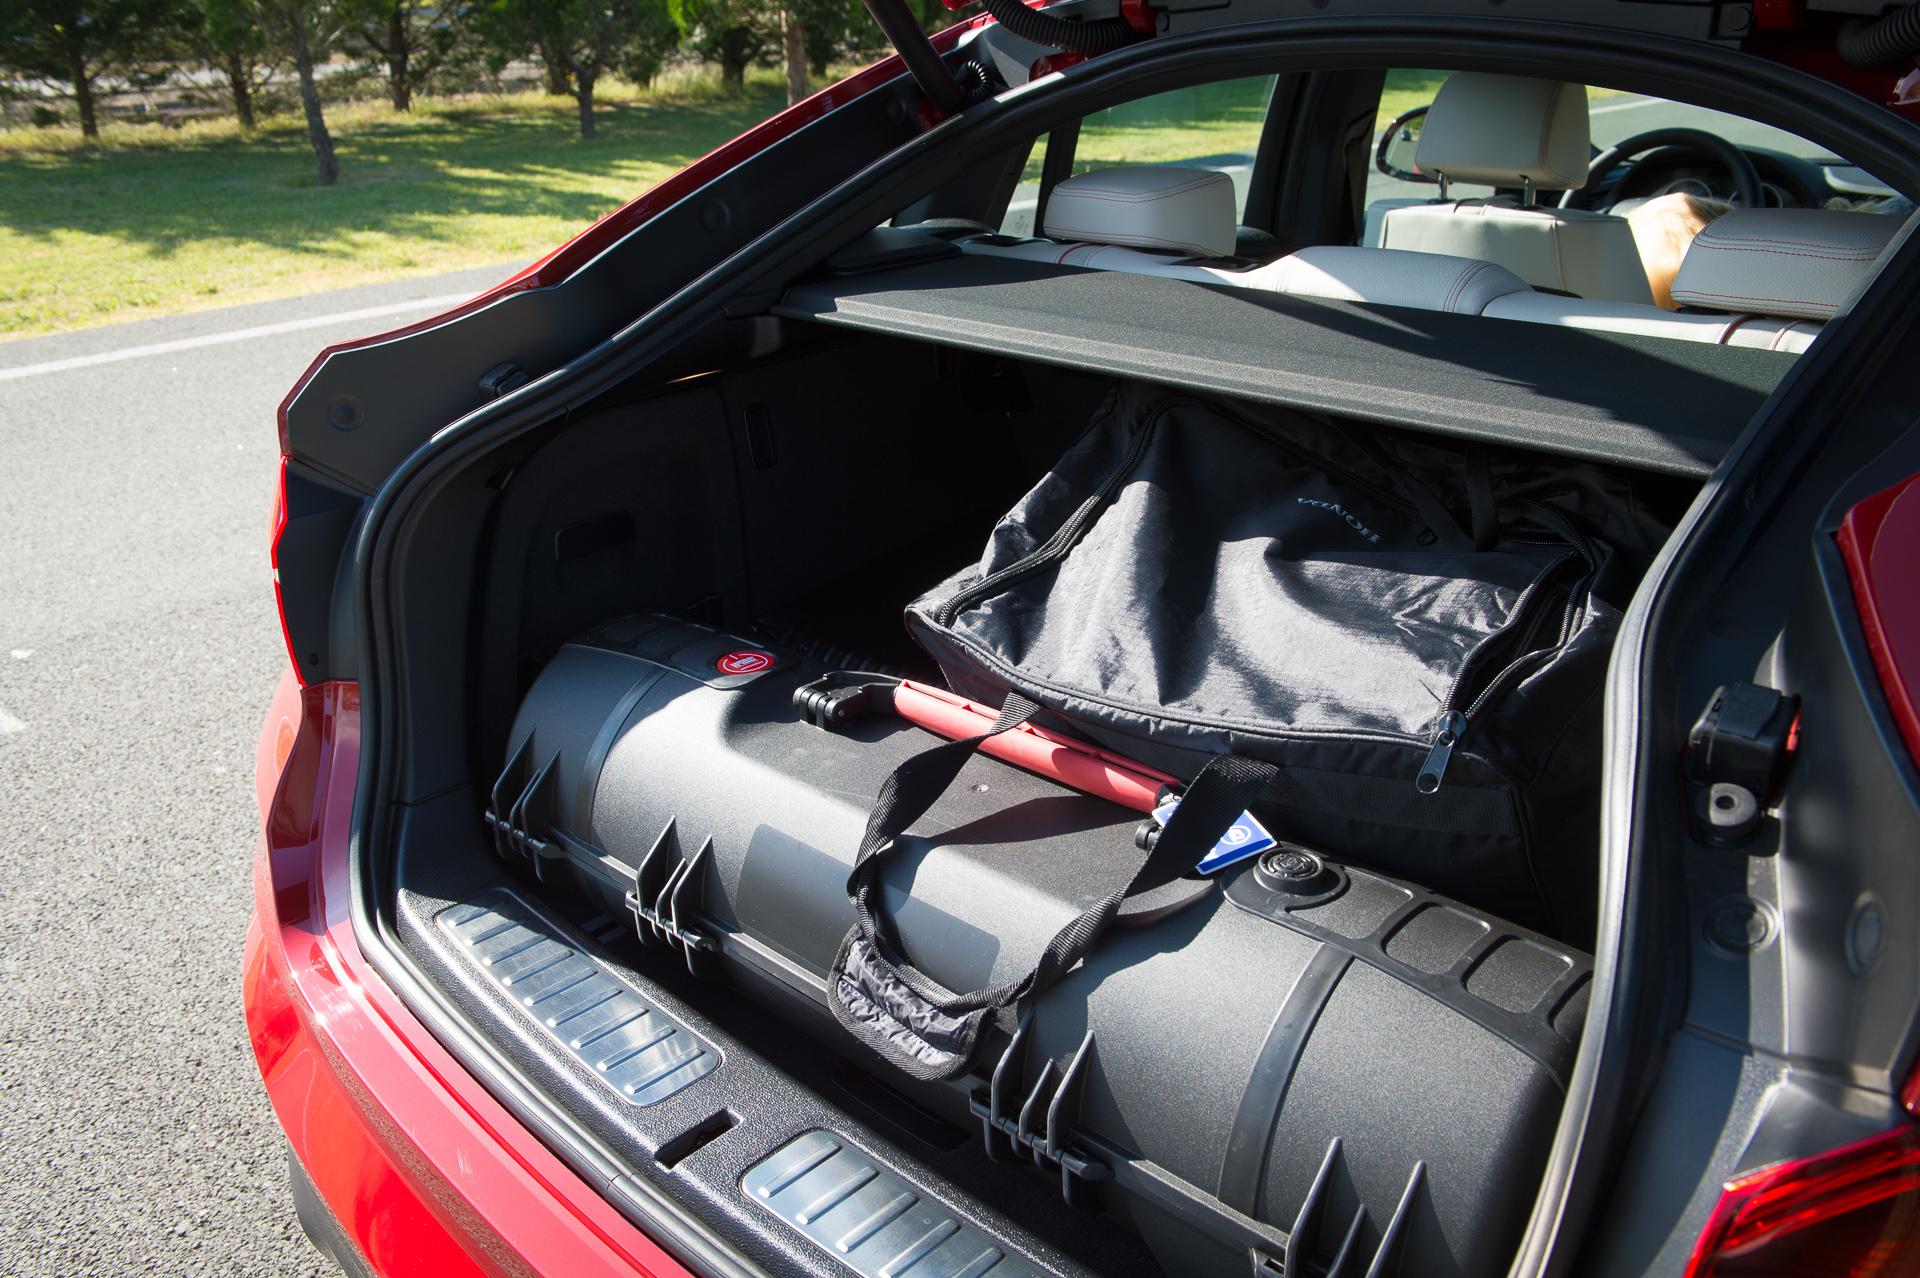 bmw-x4-kofferraum